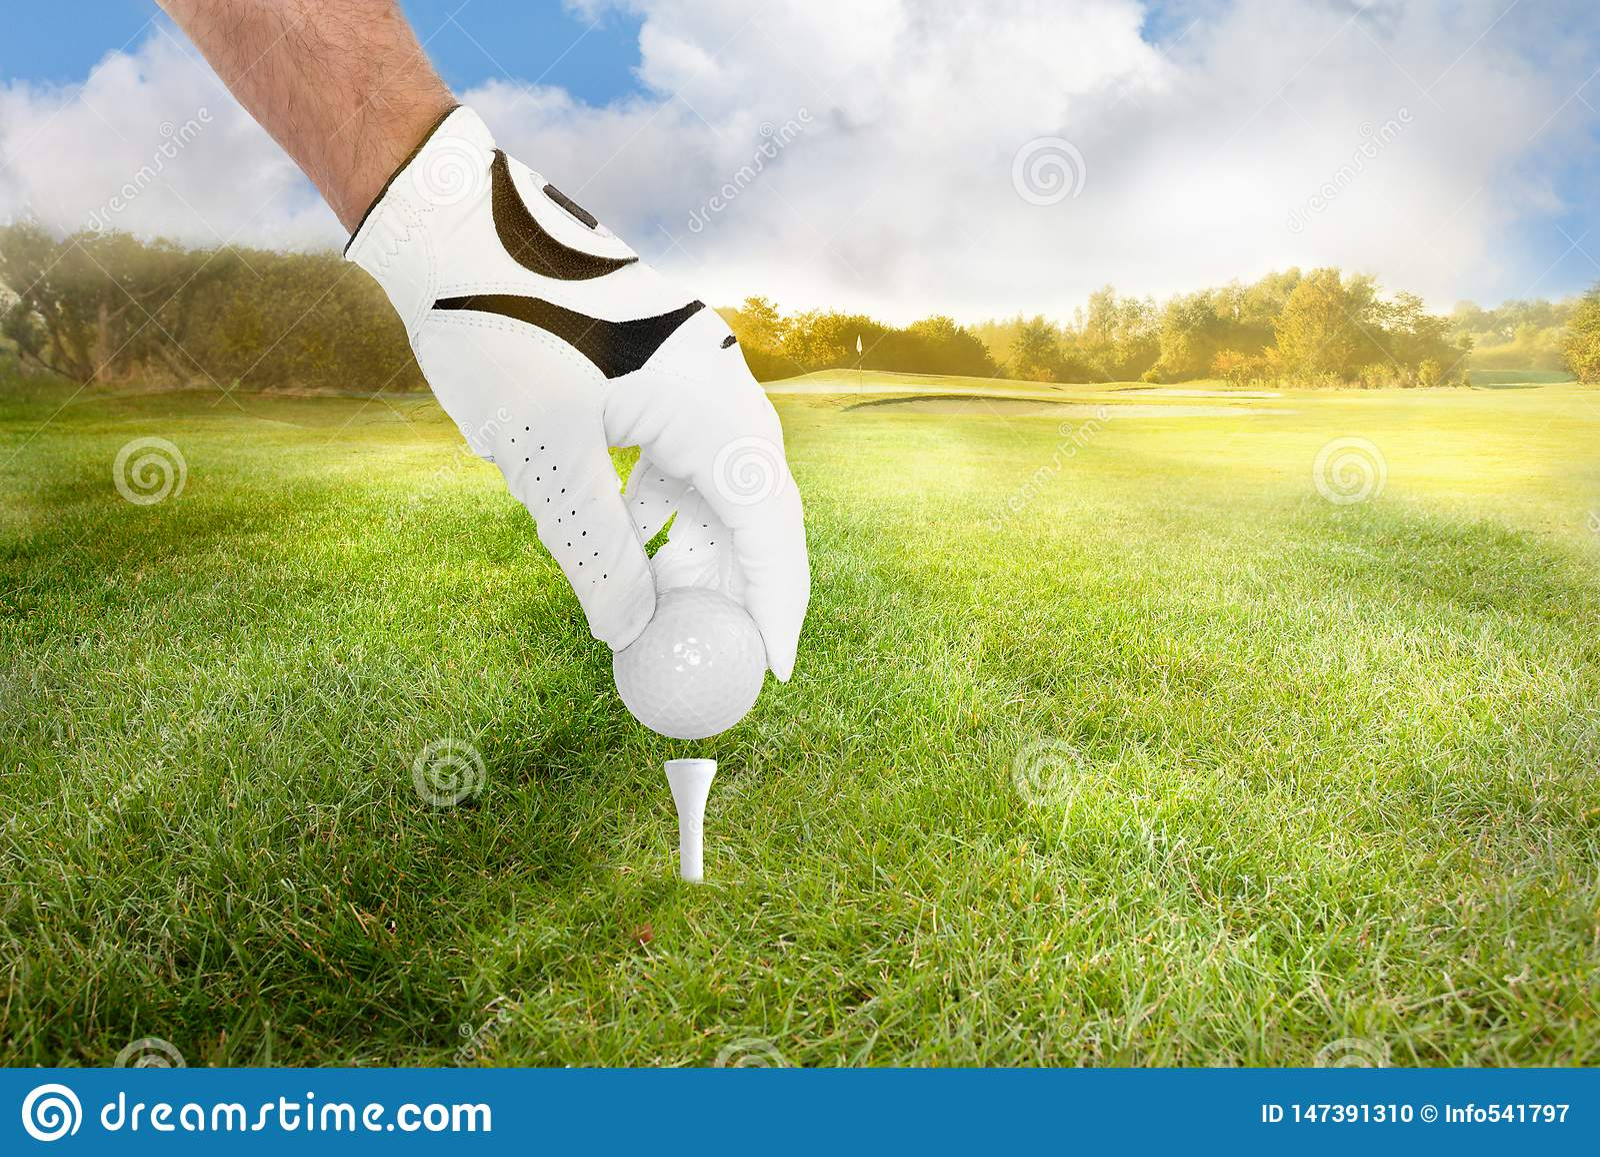 De hand van een golfspeler plaatst golfbal op het T-stuk op fairway